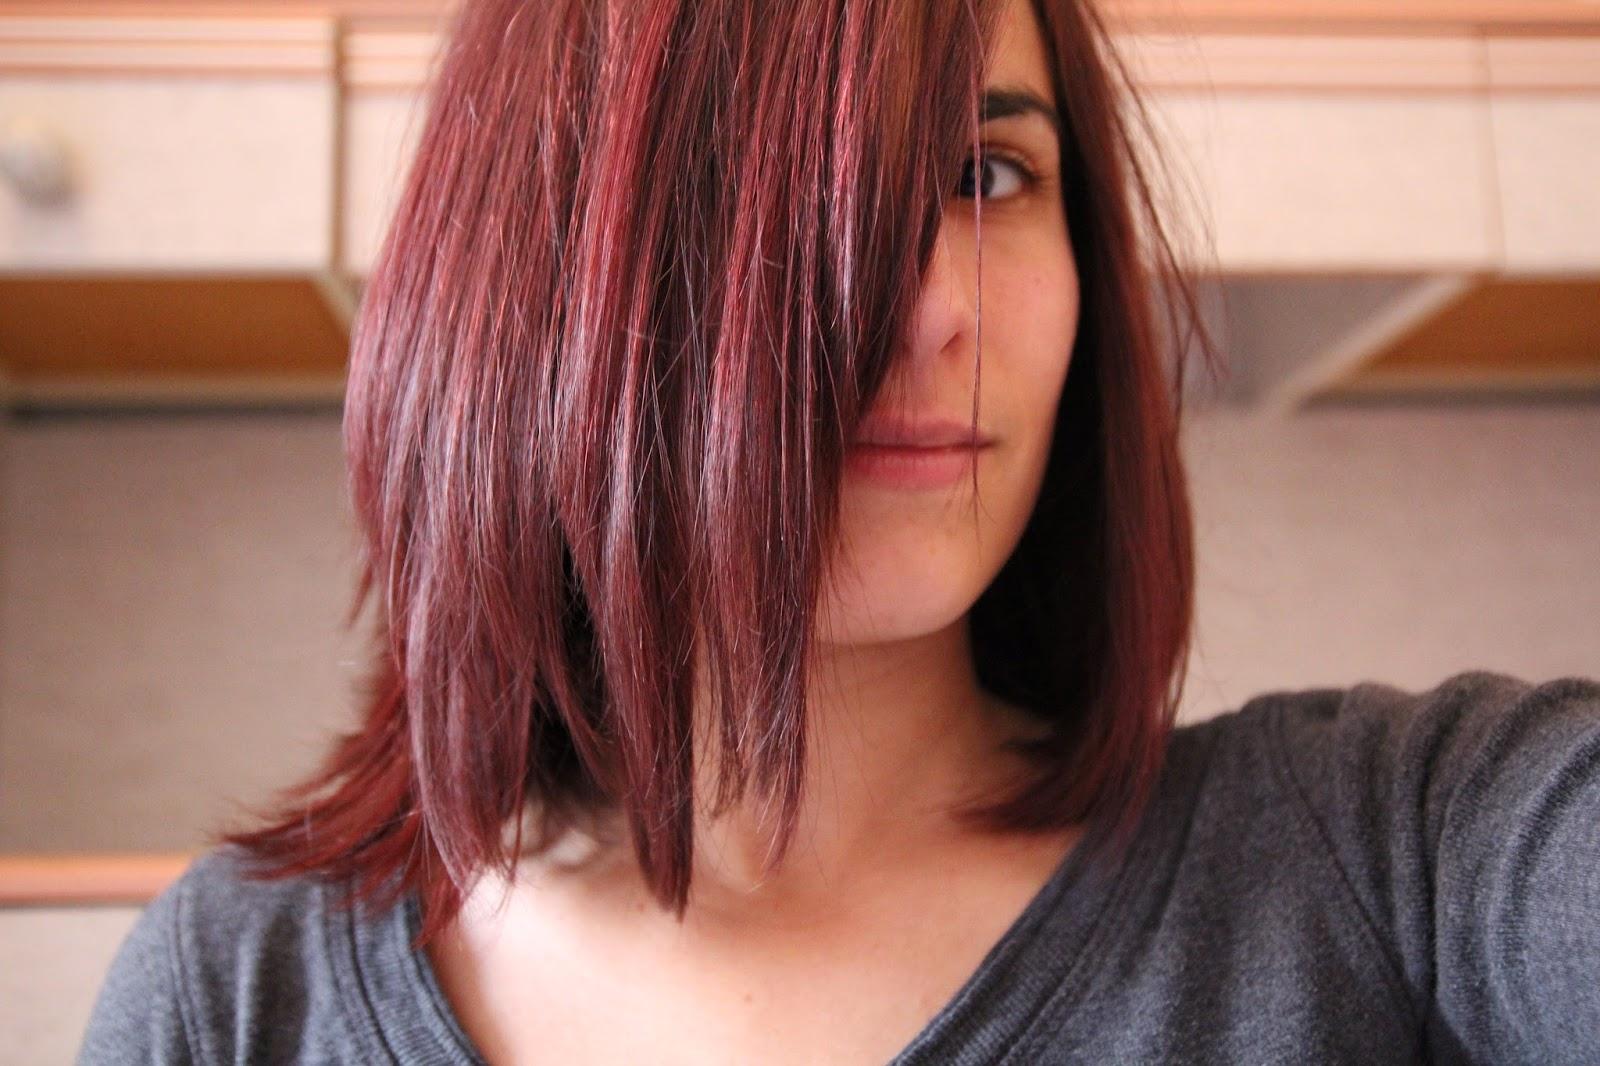 mes cheveux dbut fvrier rose rouge marron la cata le temps dattente tait trs long mais je suis contente davoir russi en une fois - Coloration Logona Chataigne